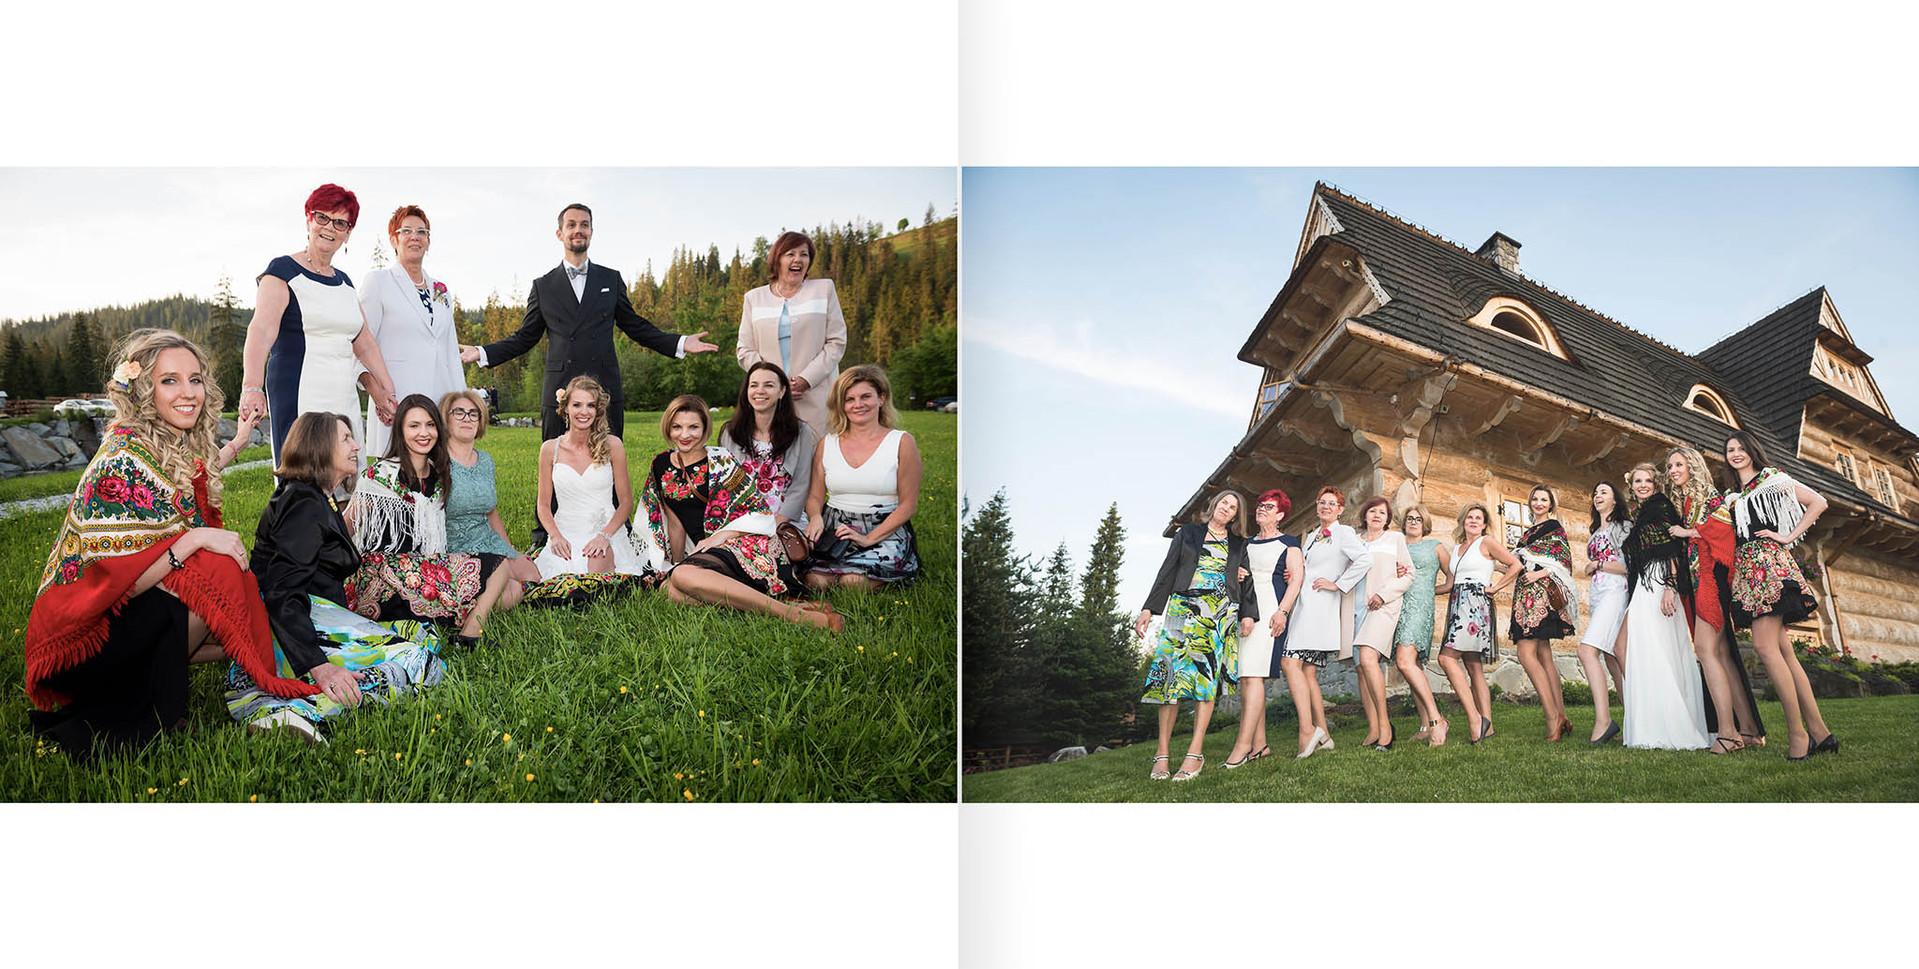 Sesja ślubna - fotosiążka 30x30cm